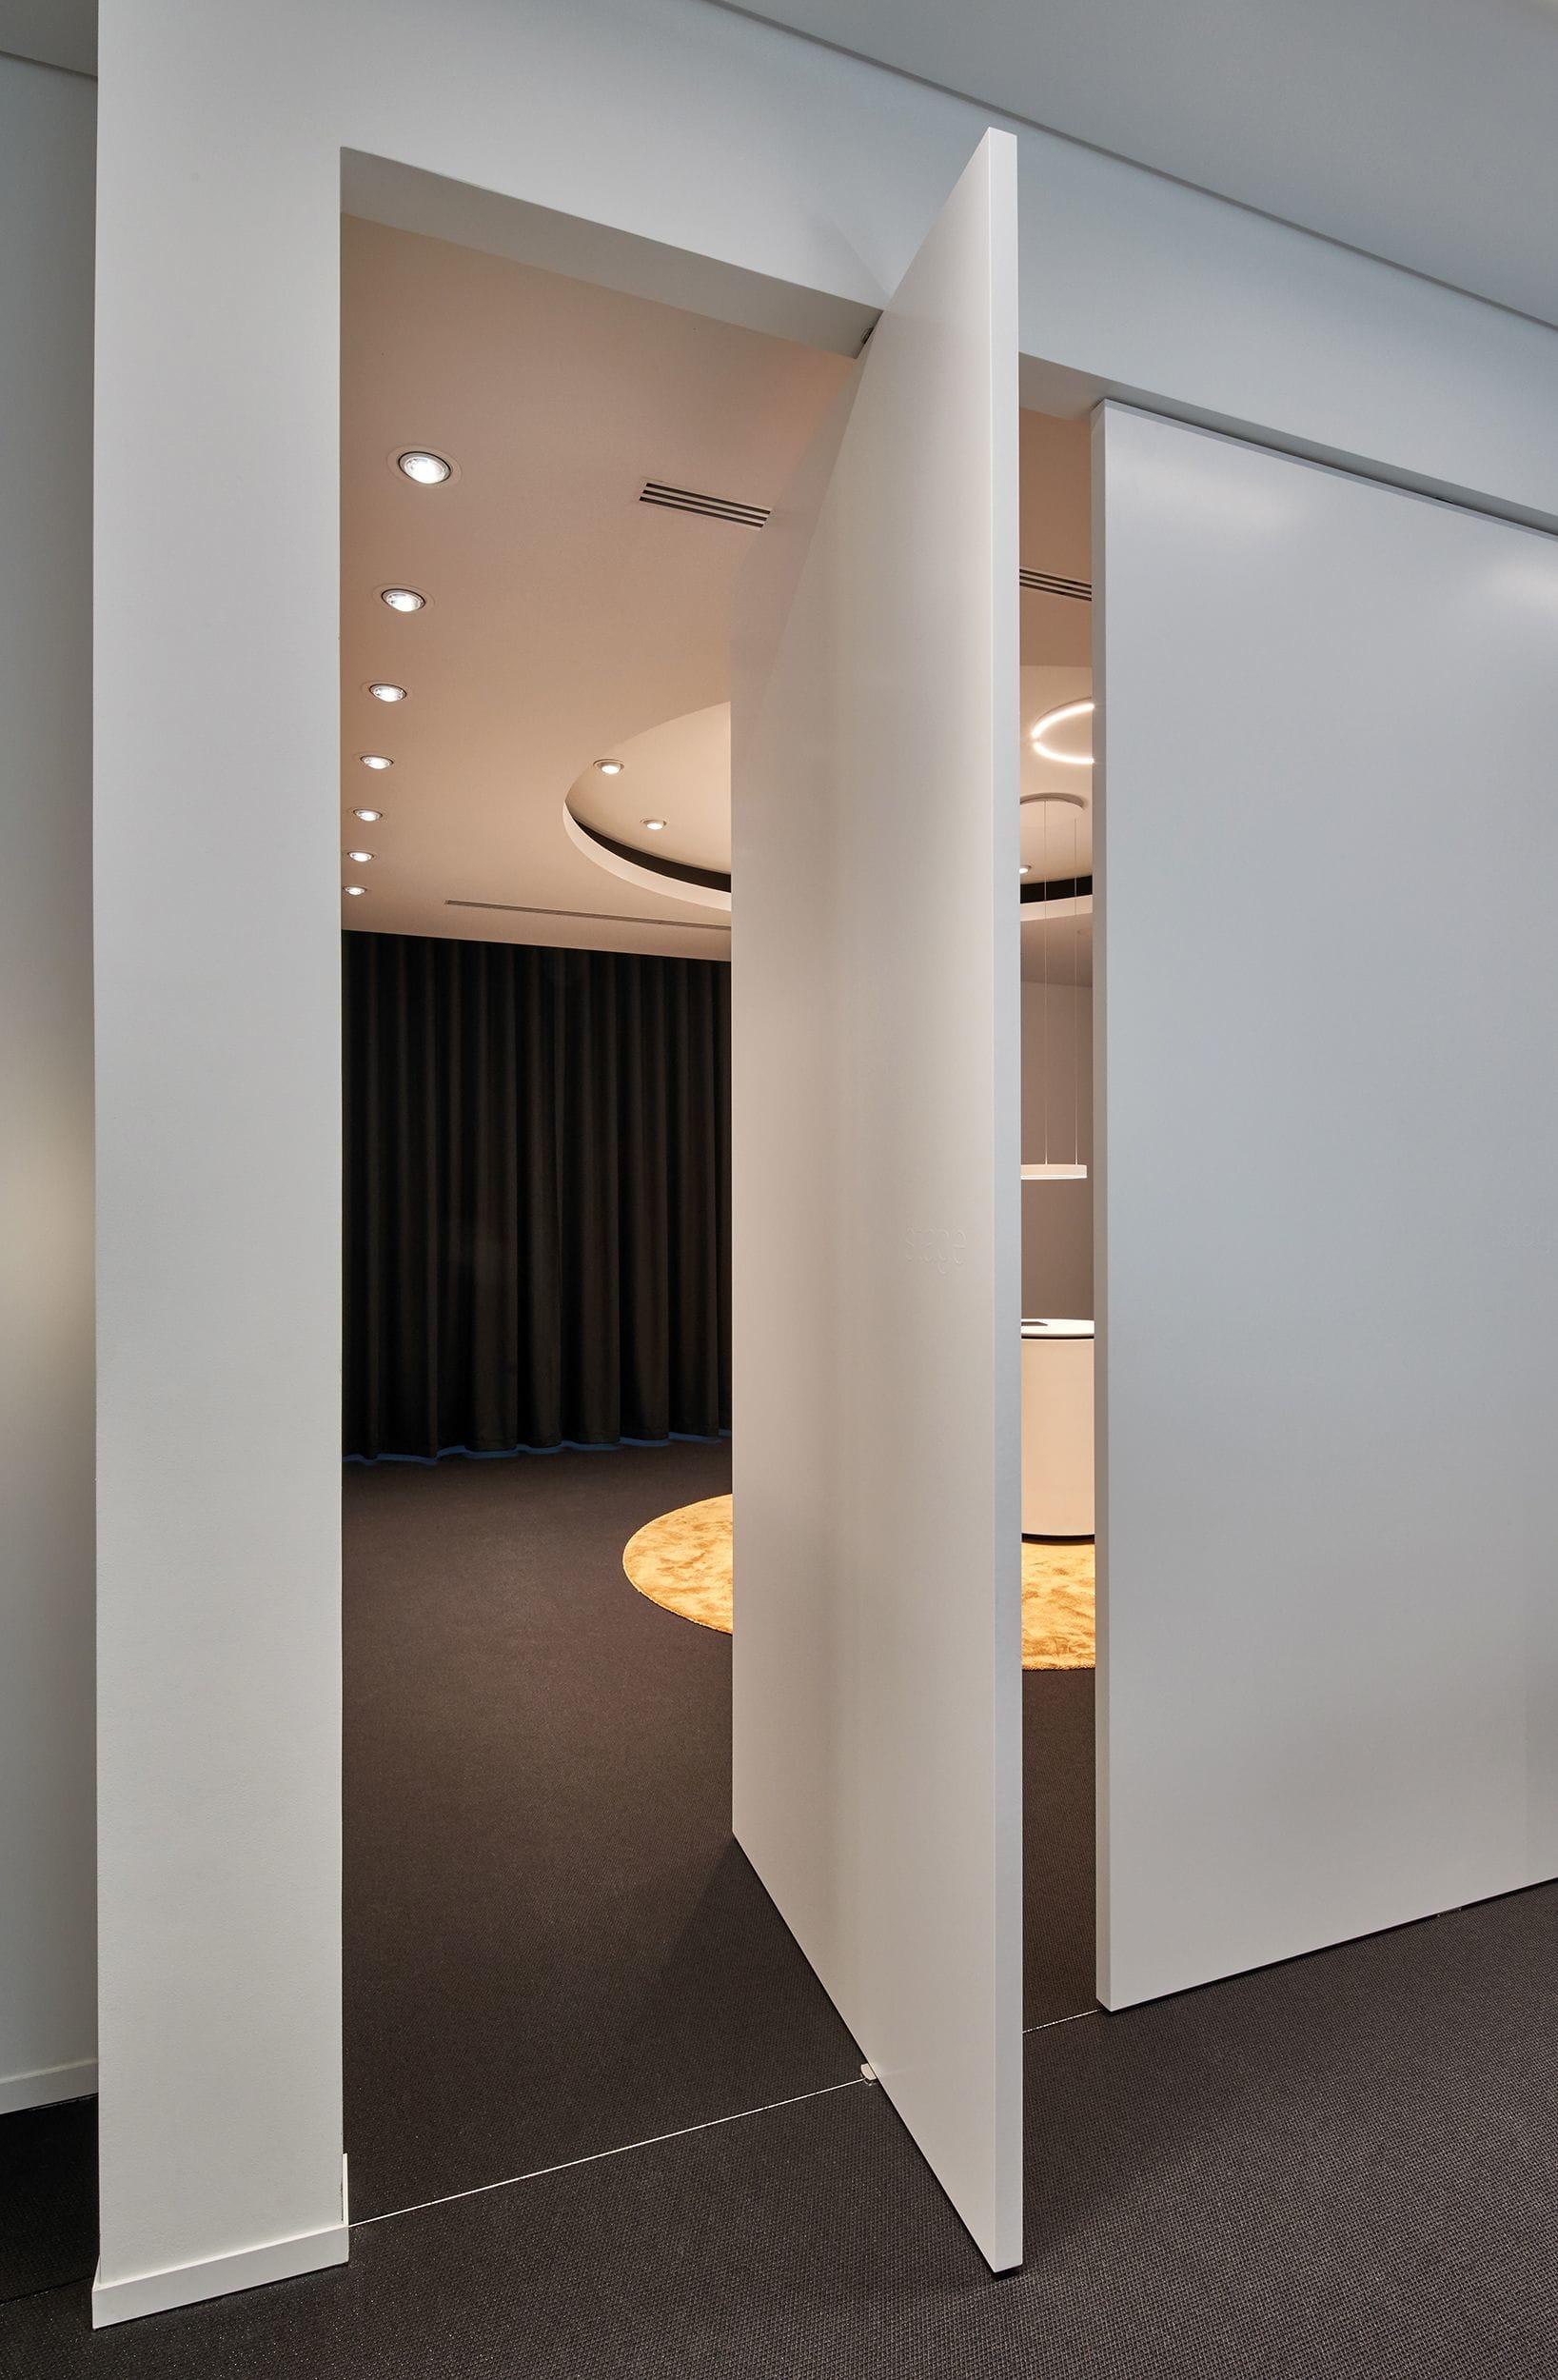 Interior Design by 1zu33 seen at Rathausmarkt, Hamburg - Flagship Store Hamburg, Occhio